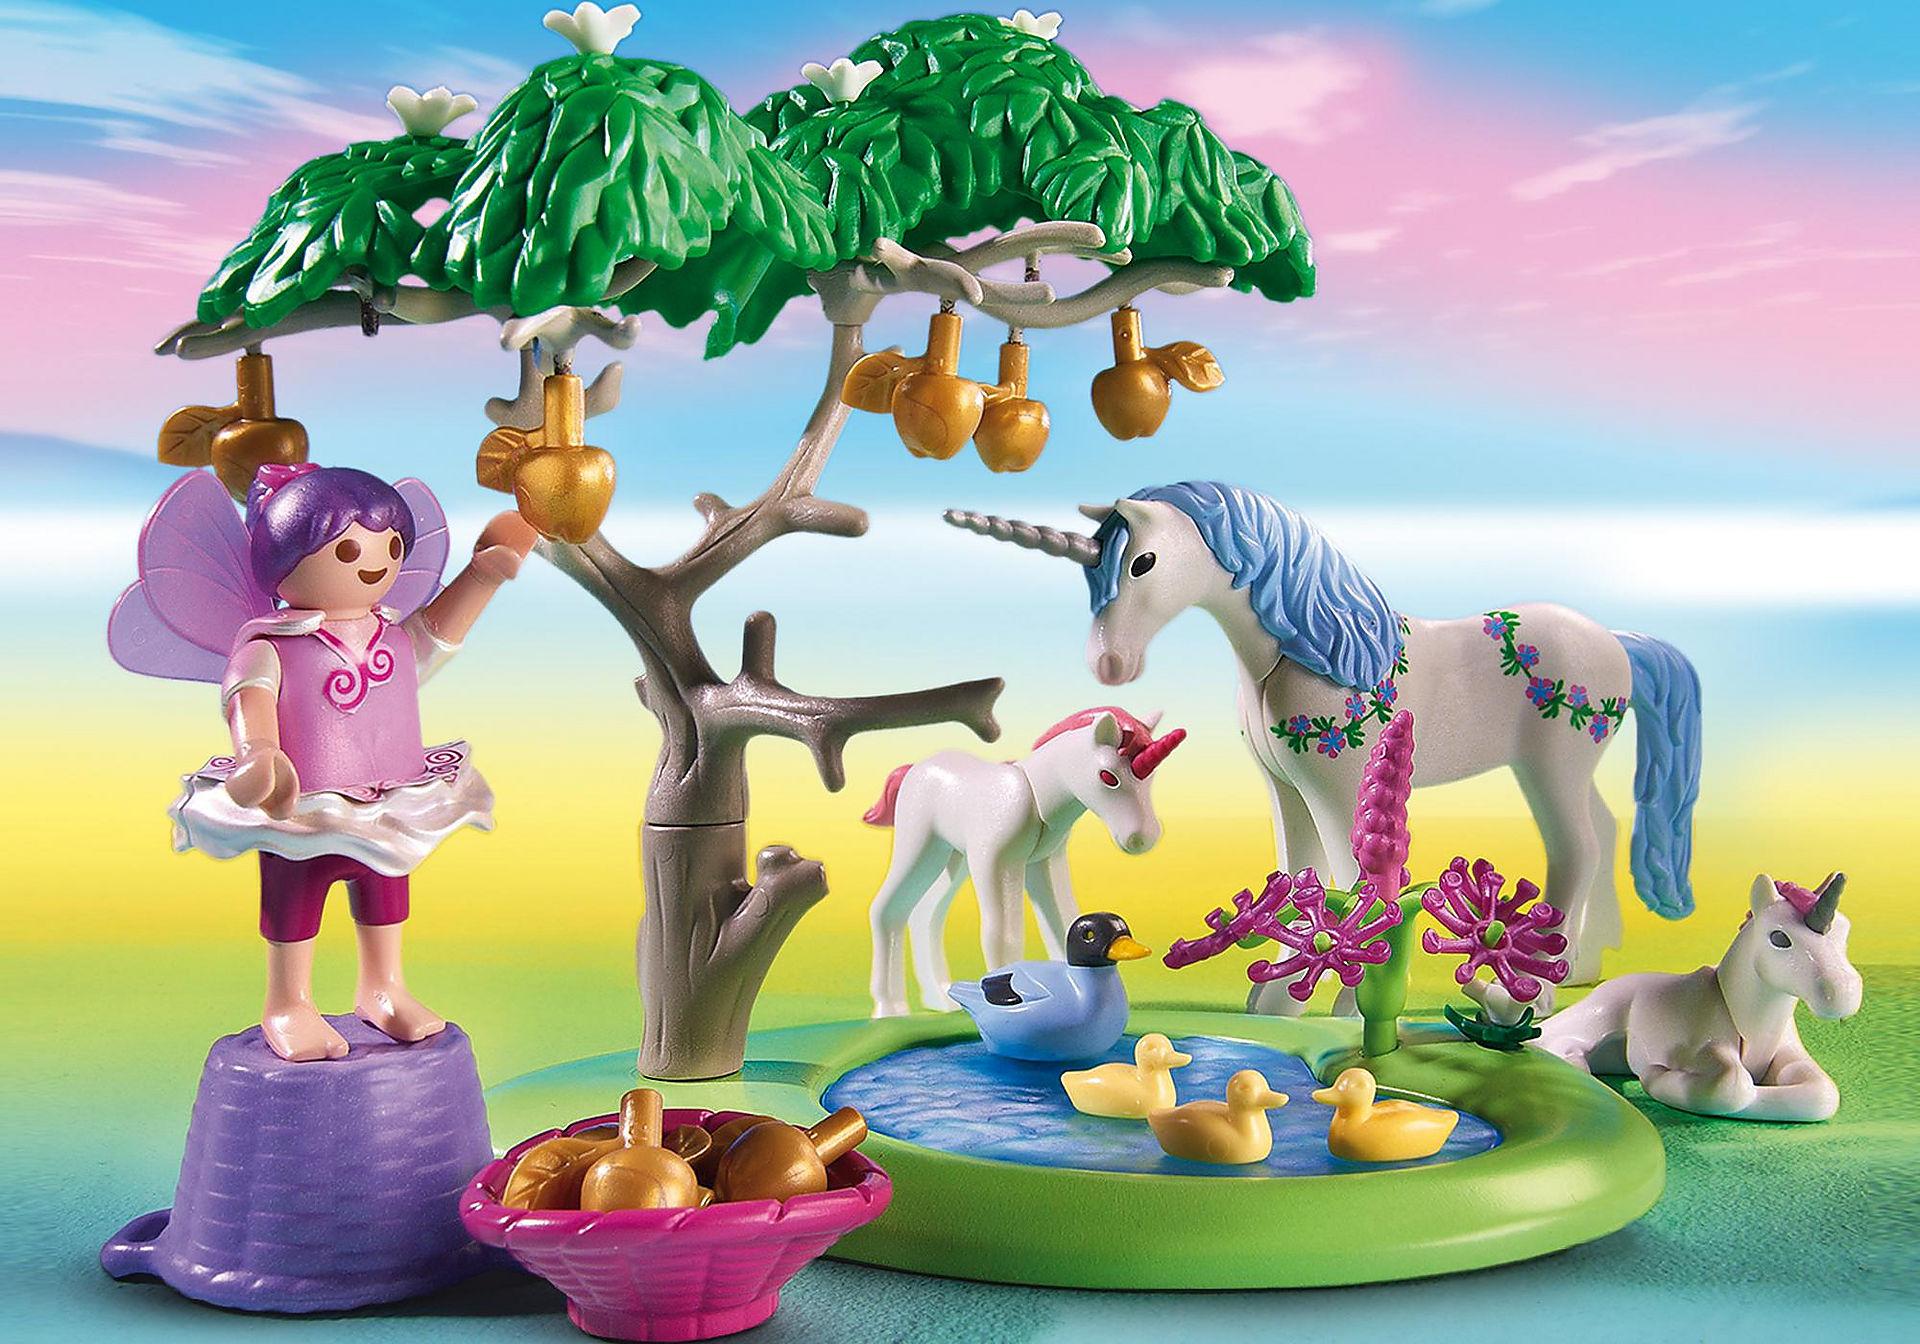 http://media.playmobil.com/i/playmobil/6055_product_extra2/Centre de soins pour licornes